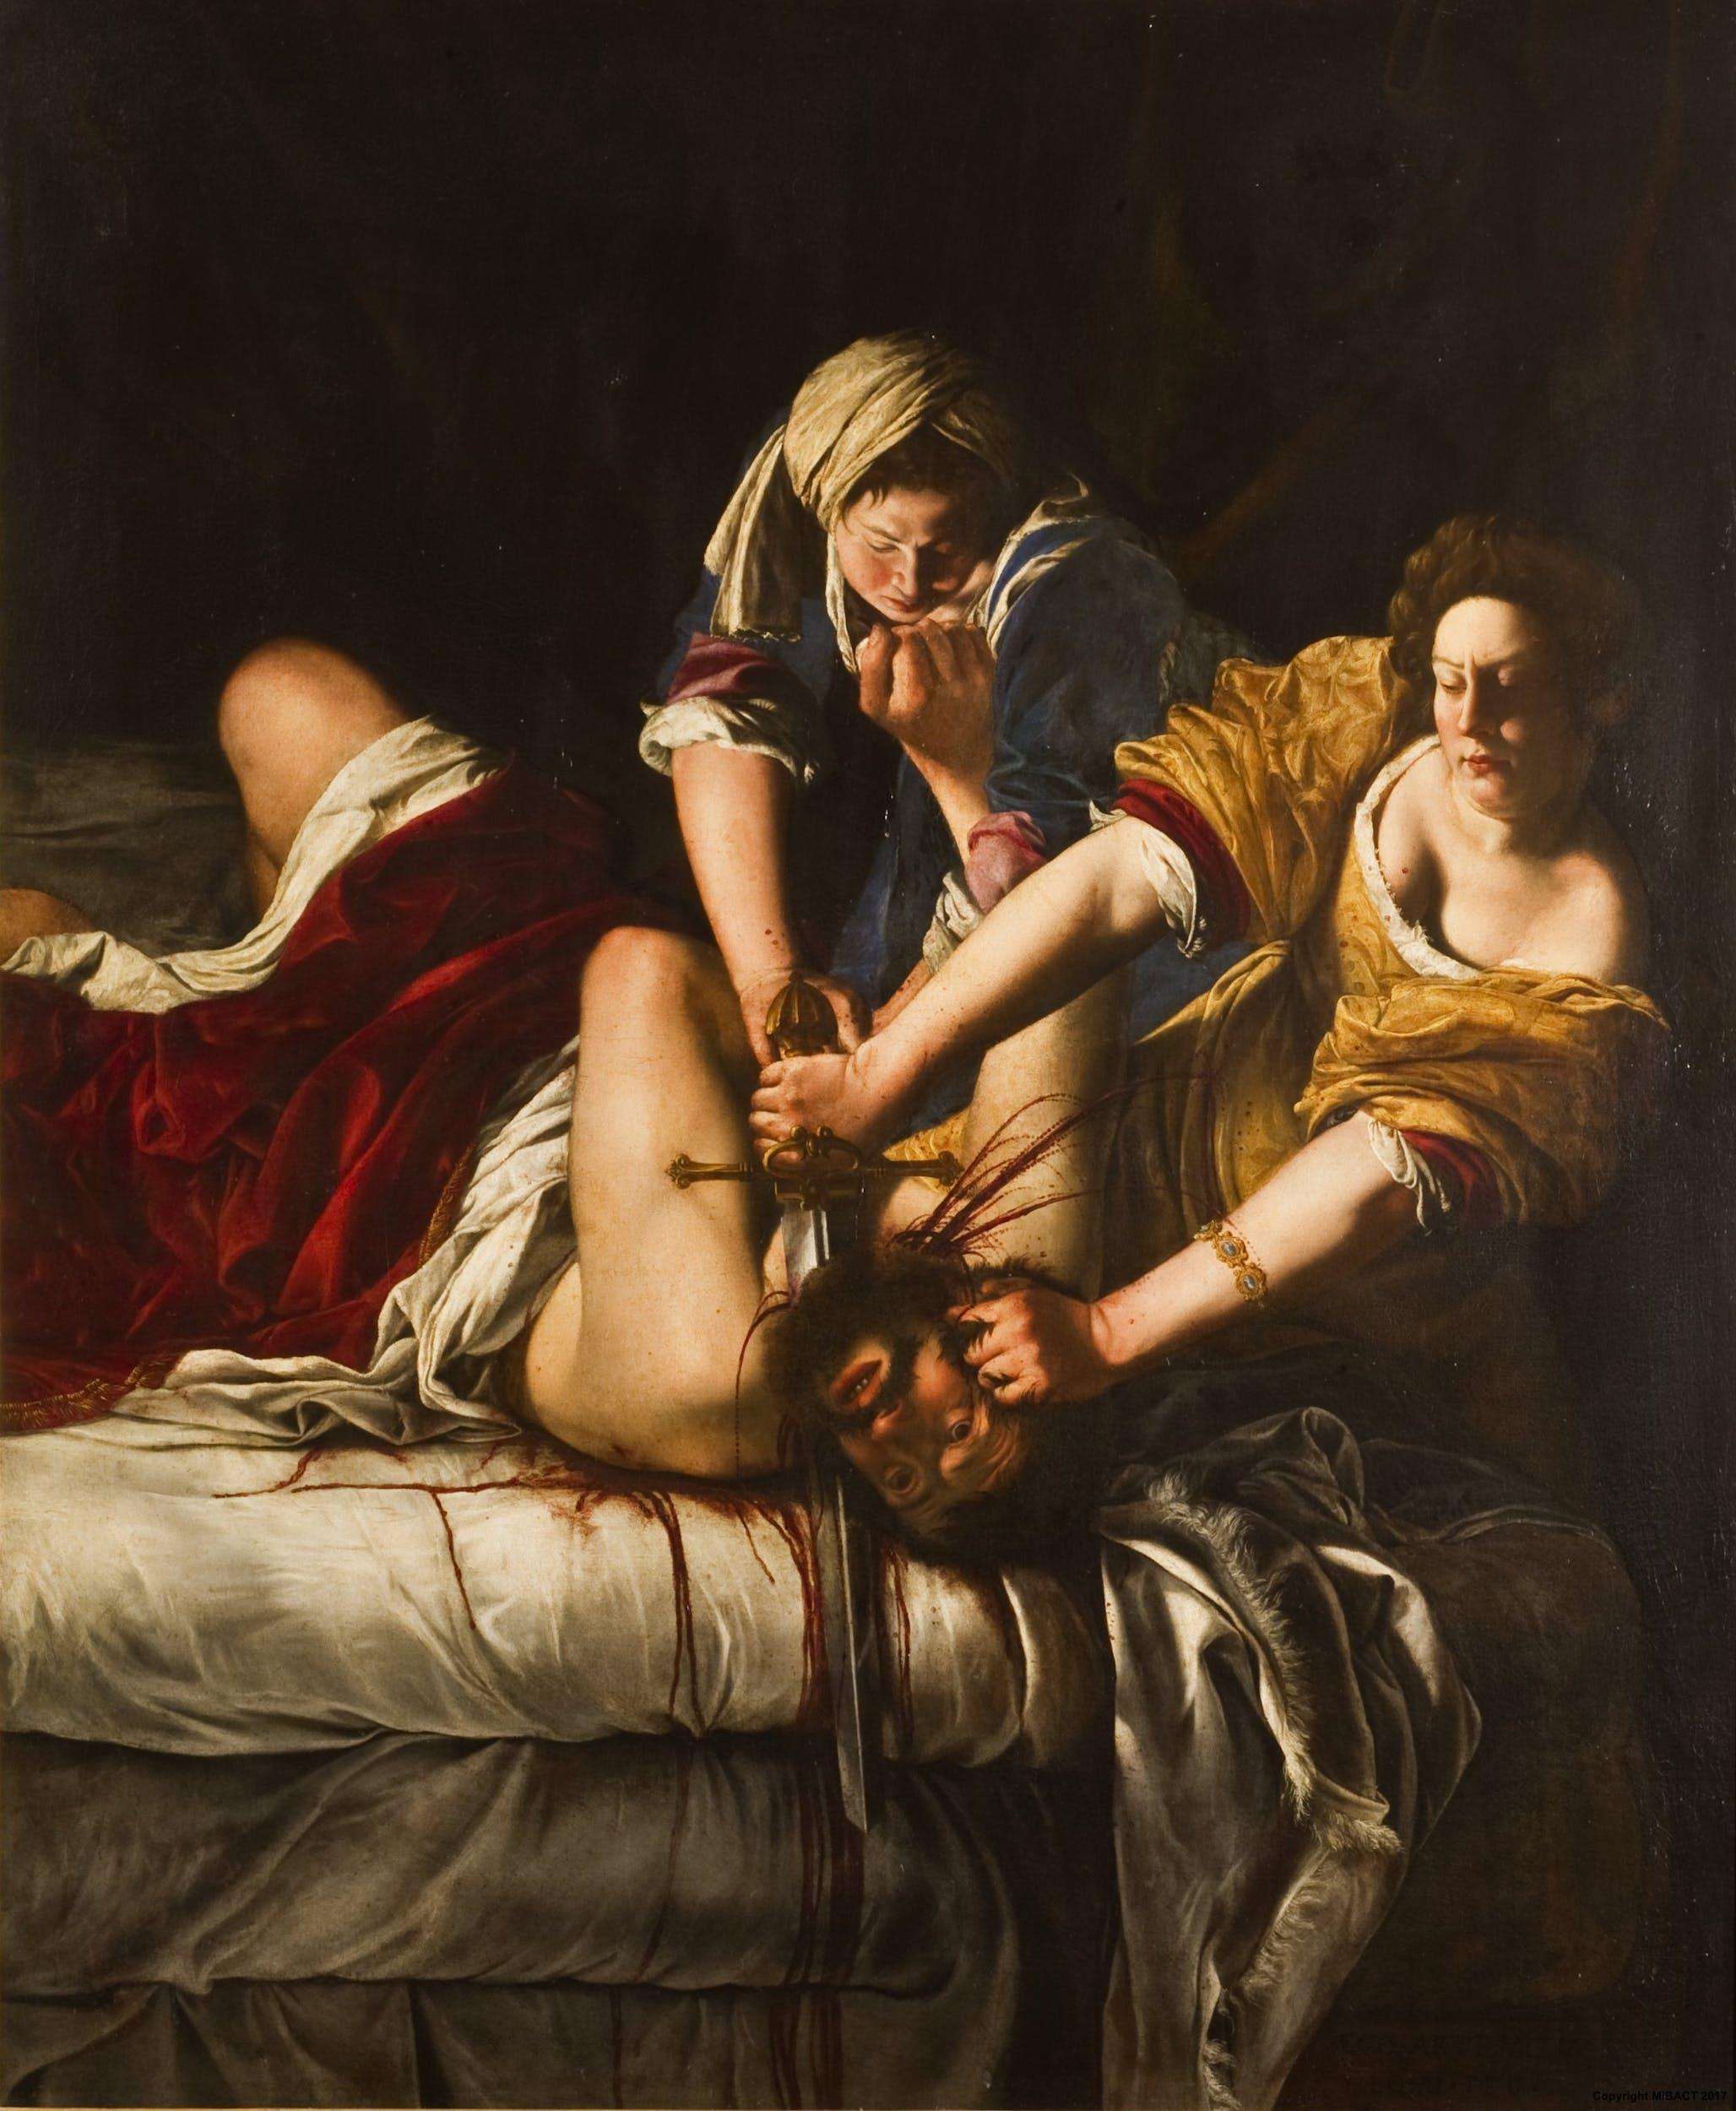 Gentileschi; Power of women